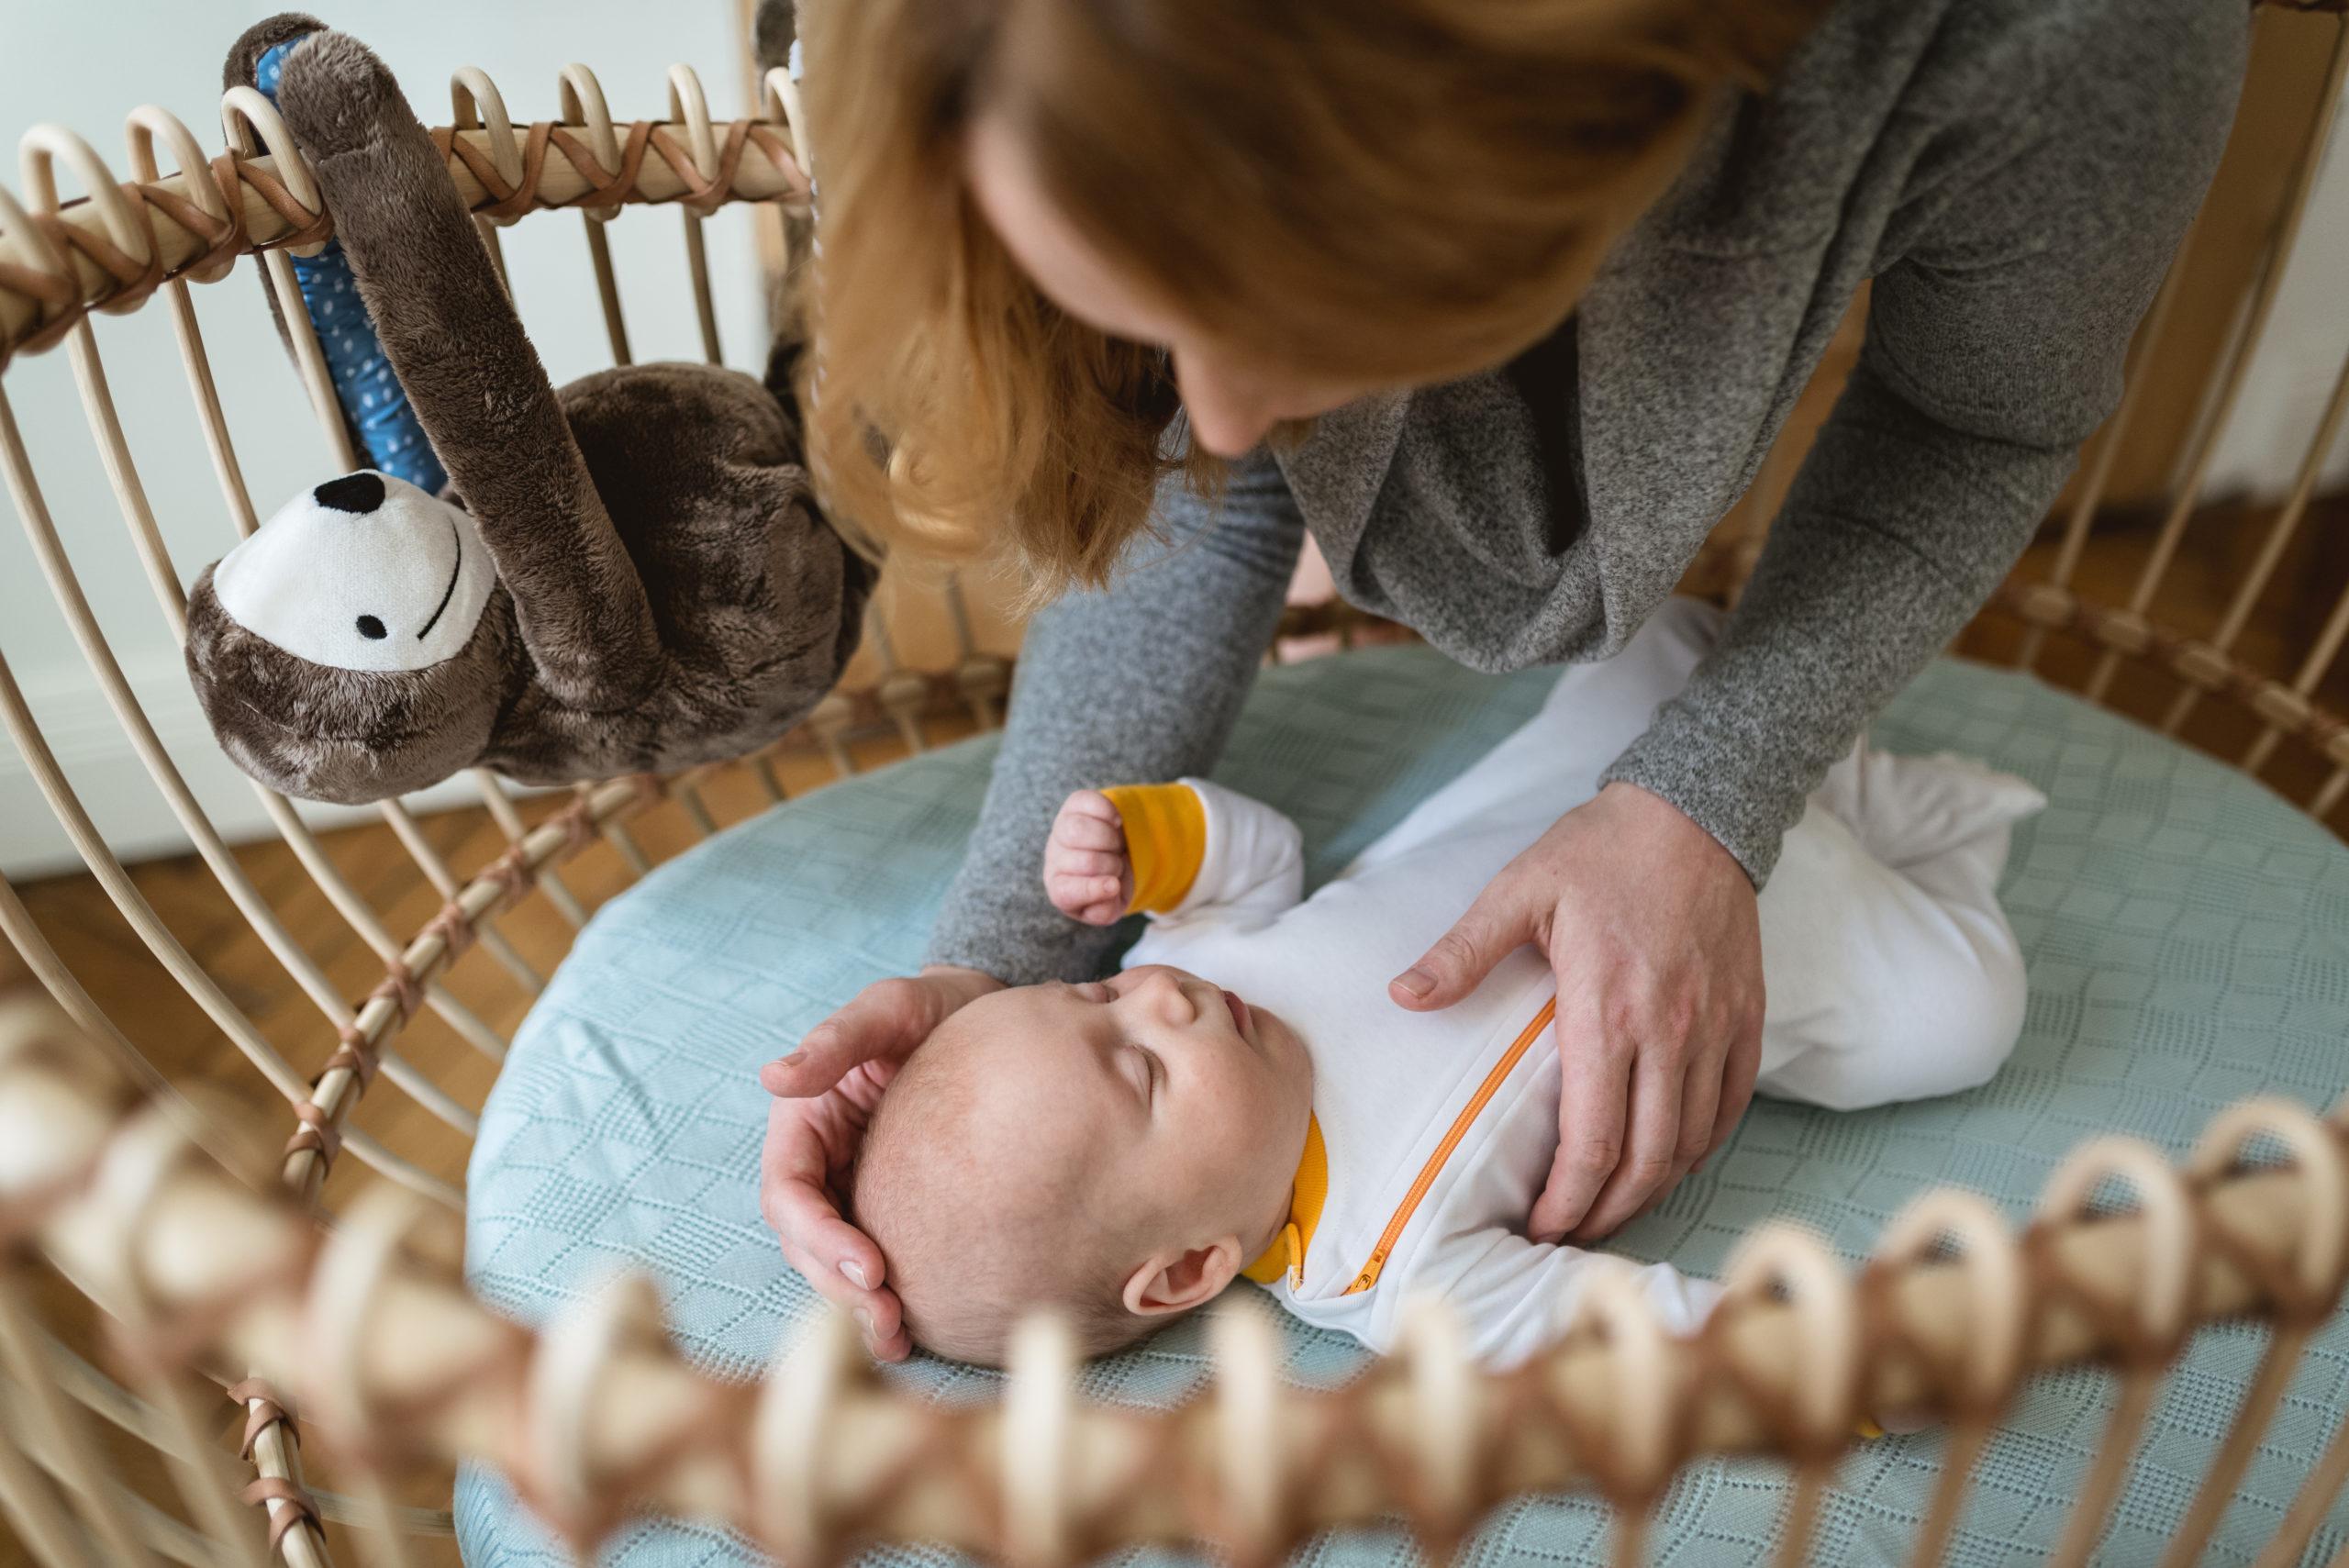 Ćwiczenia z niemowlakiem, które wpłyną na jego prawidłowy rozwój i zbliżą Was do siebie